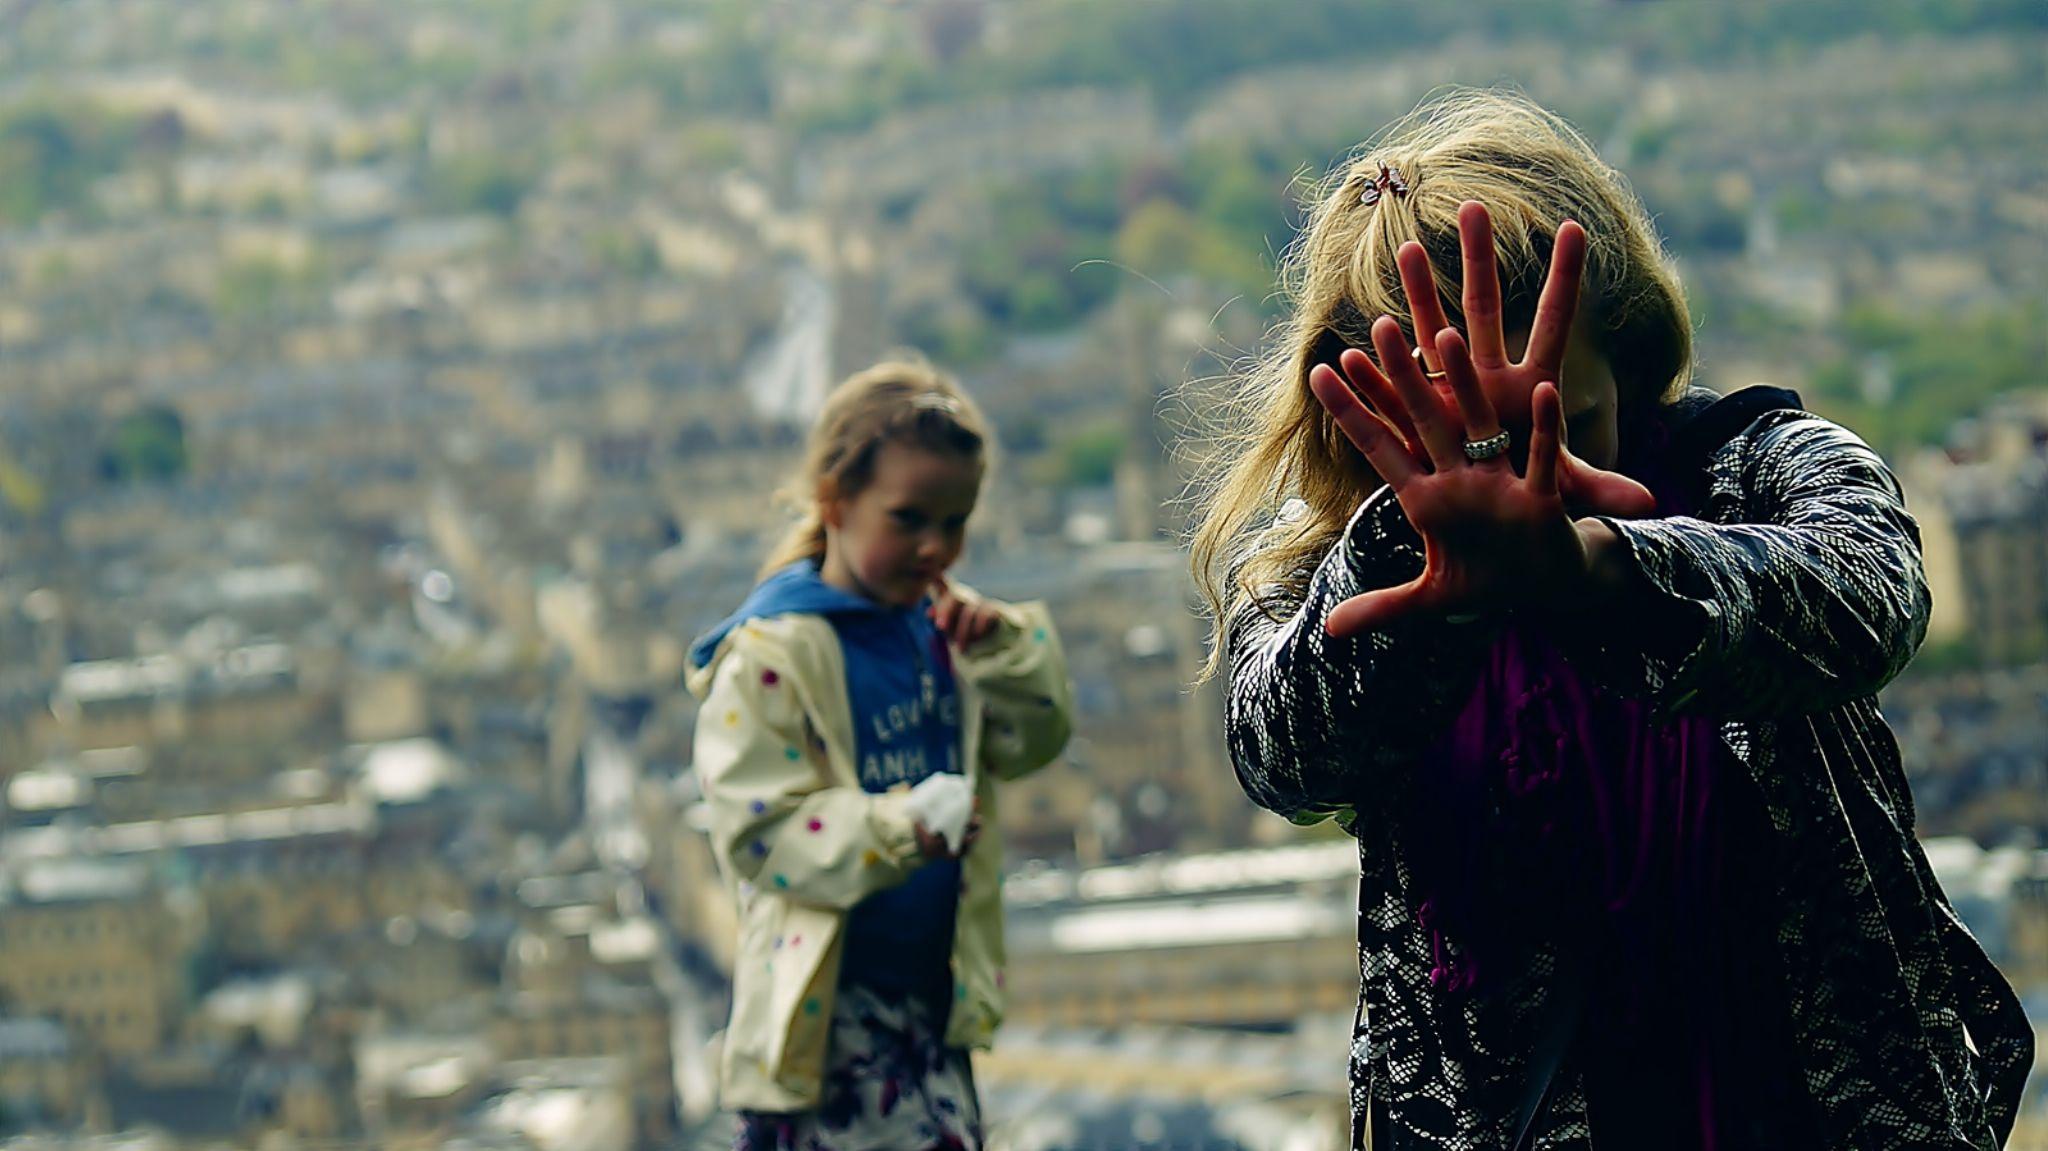 Stop photo by Kamil Gaweł